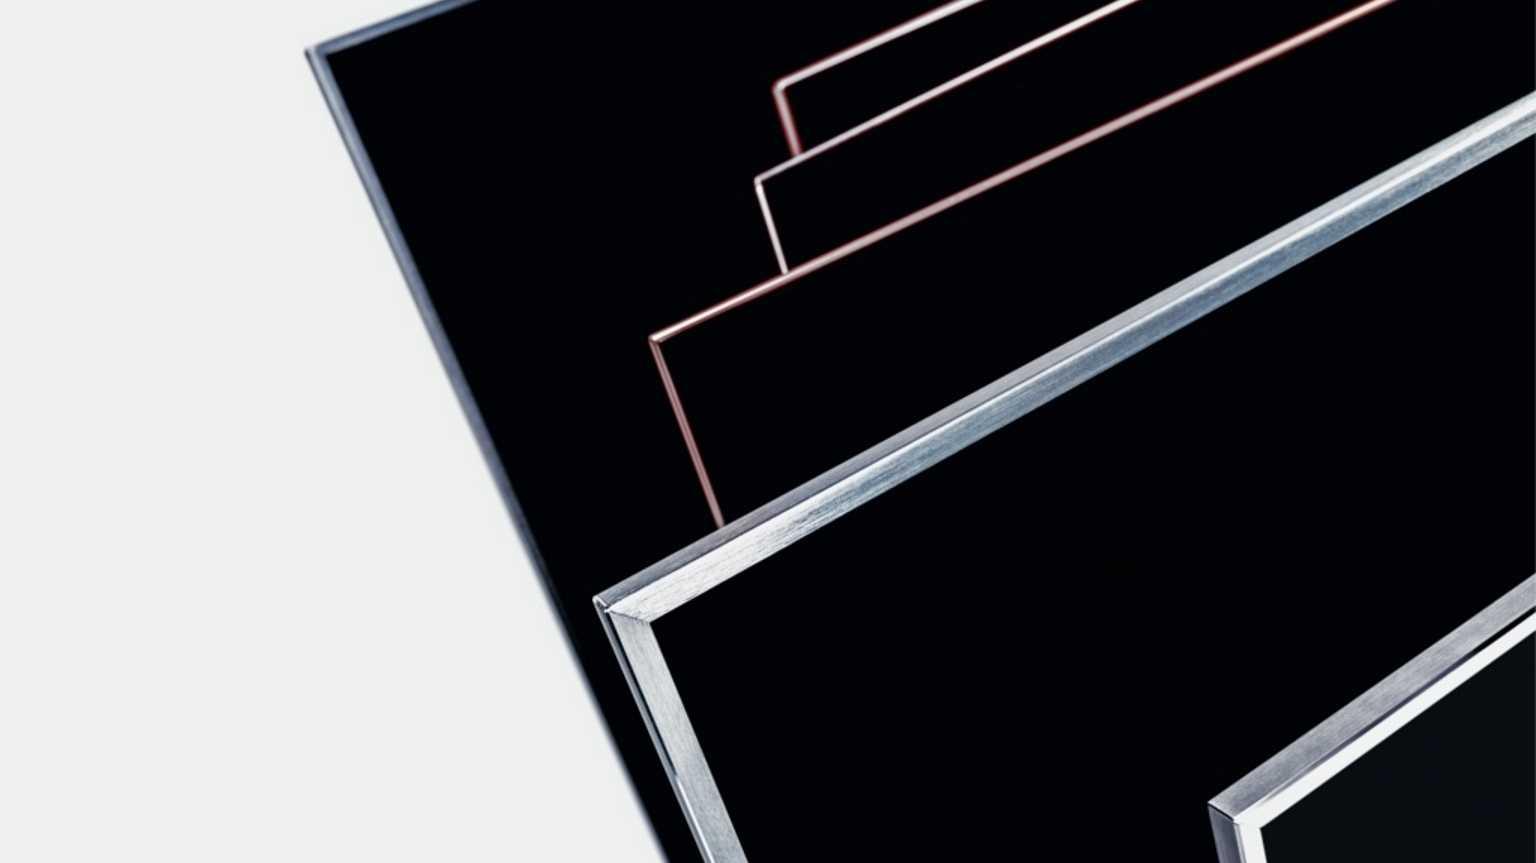 TV-Preise im Sinkflug, auch OLEDs werden langsam erschwinglich